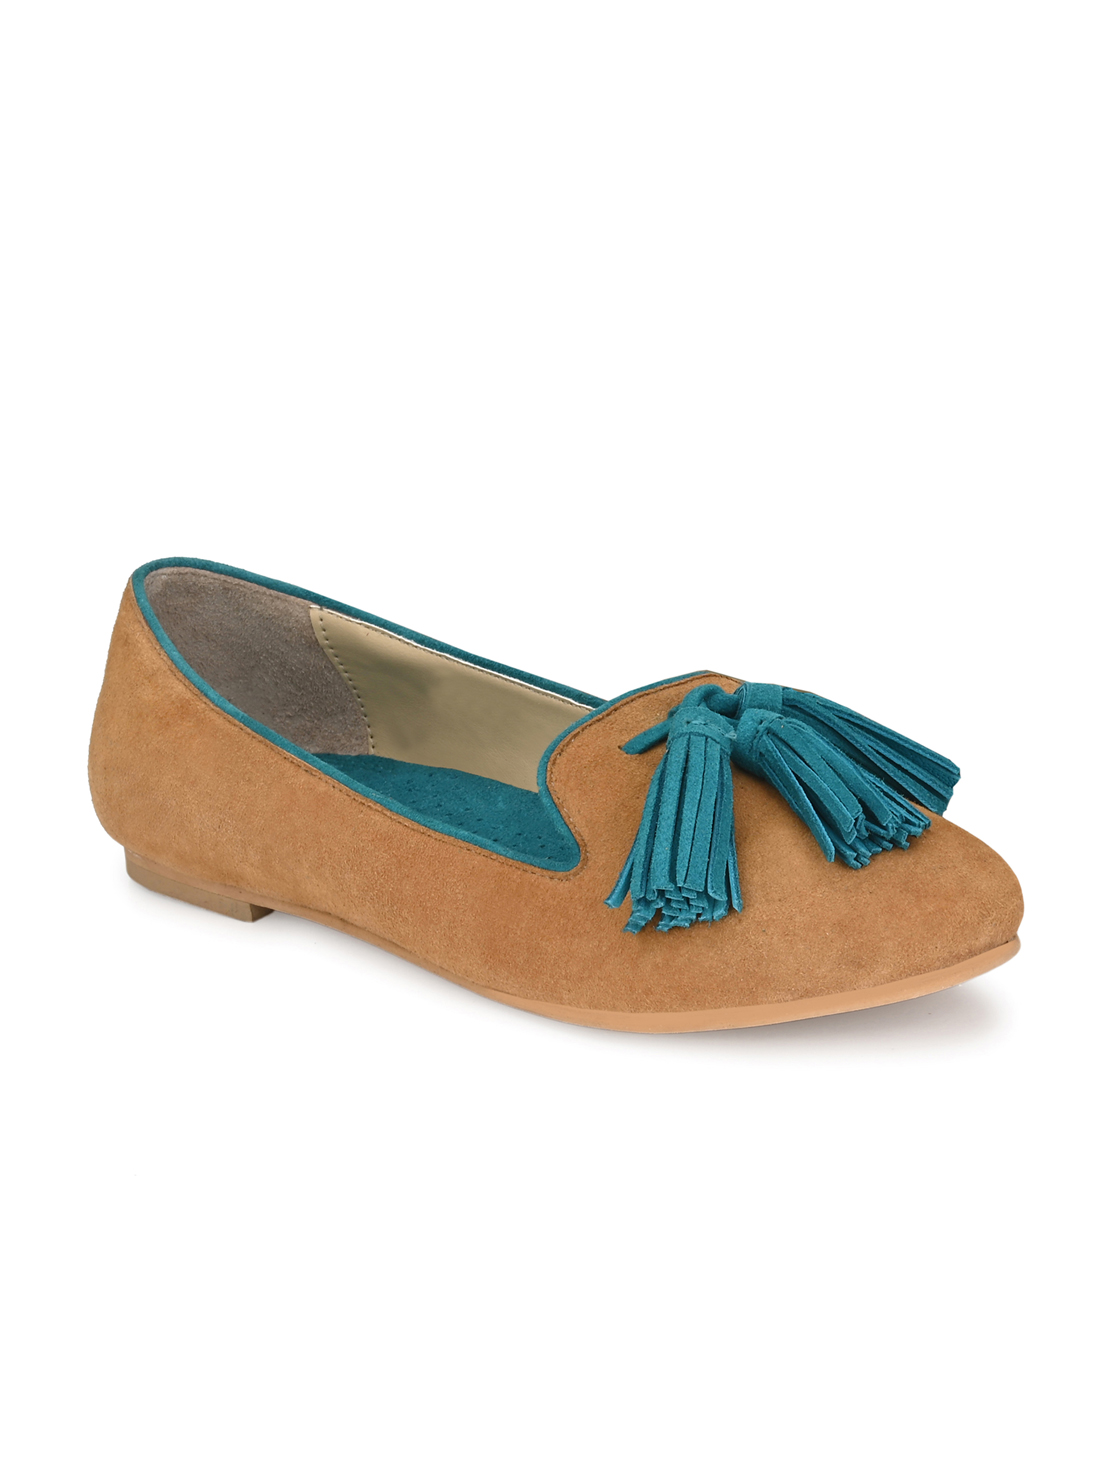 AADY AUSTIN | Aady Austin Women's Trendy BEIGE Round Toe Flats